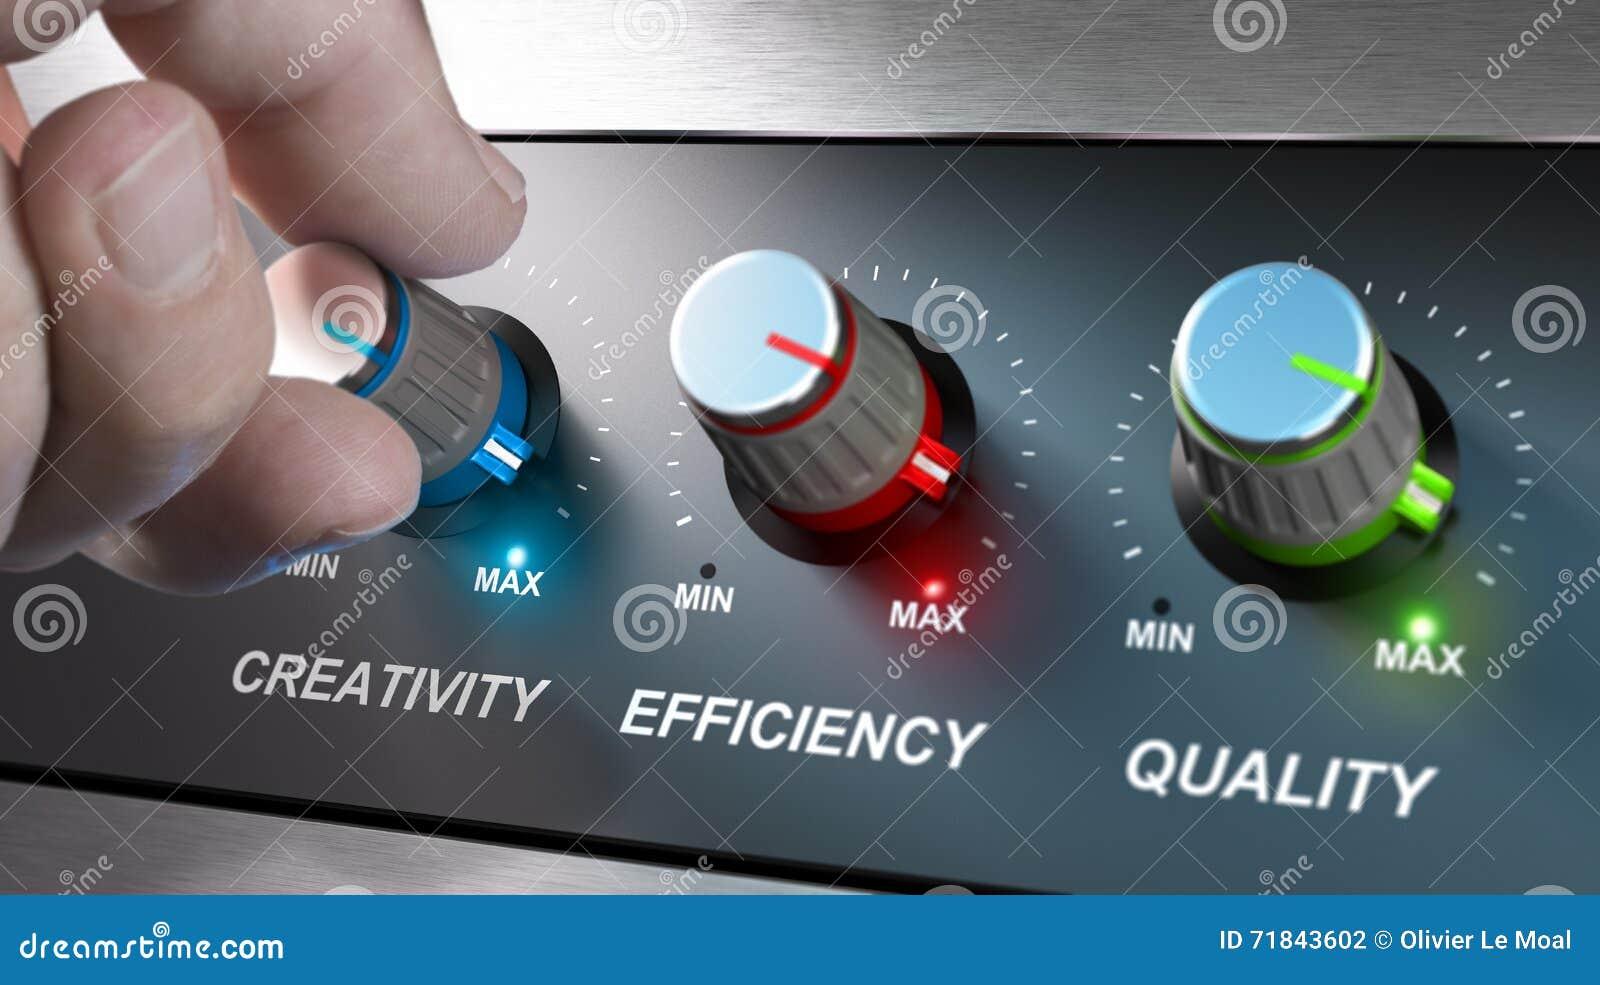 Company Values, Creativity, Efficiency and Quality